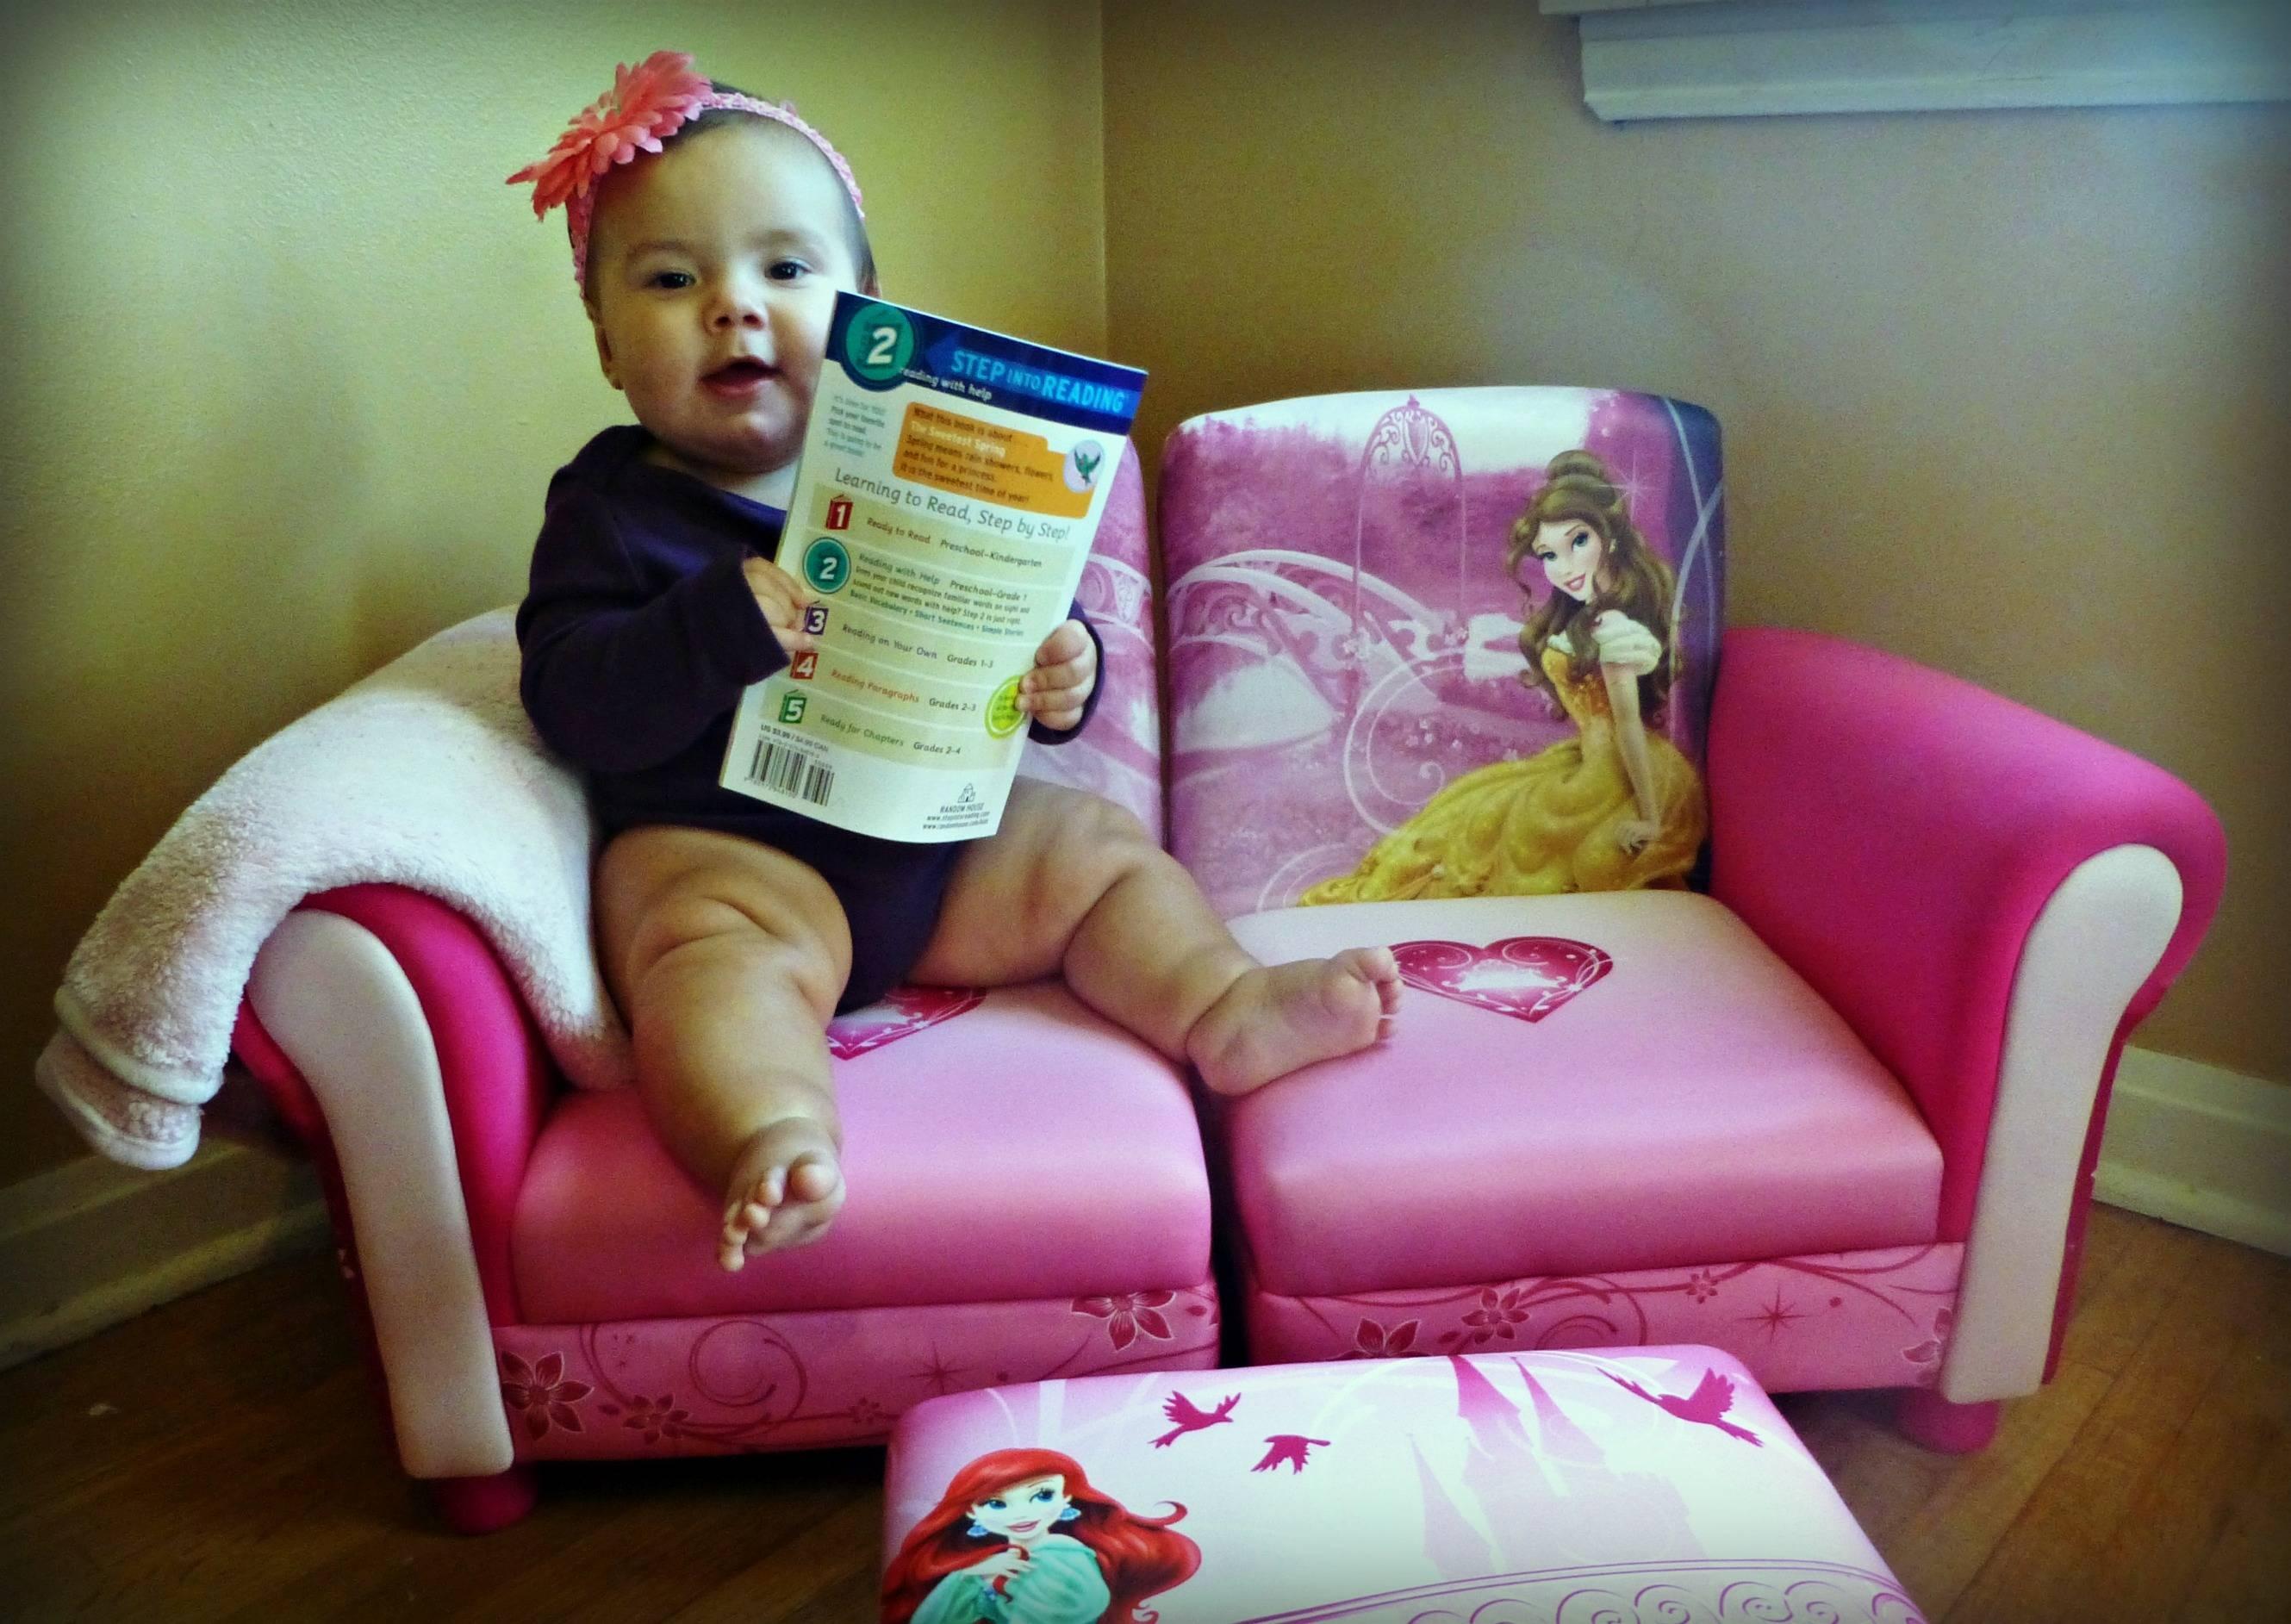 Disney Princess Sofa | Memsaheb with regard to Disney Princess Sofas (Image 5 of 15)